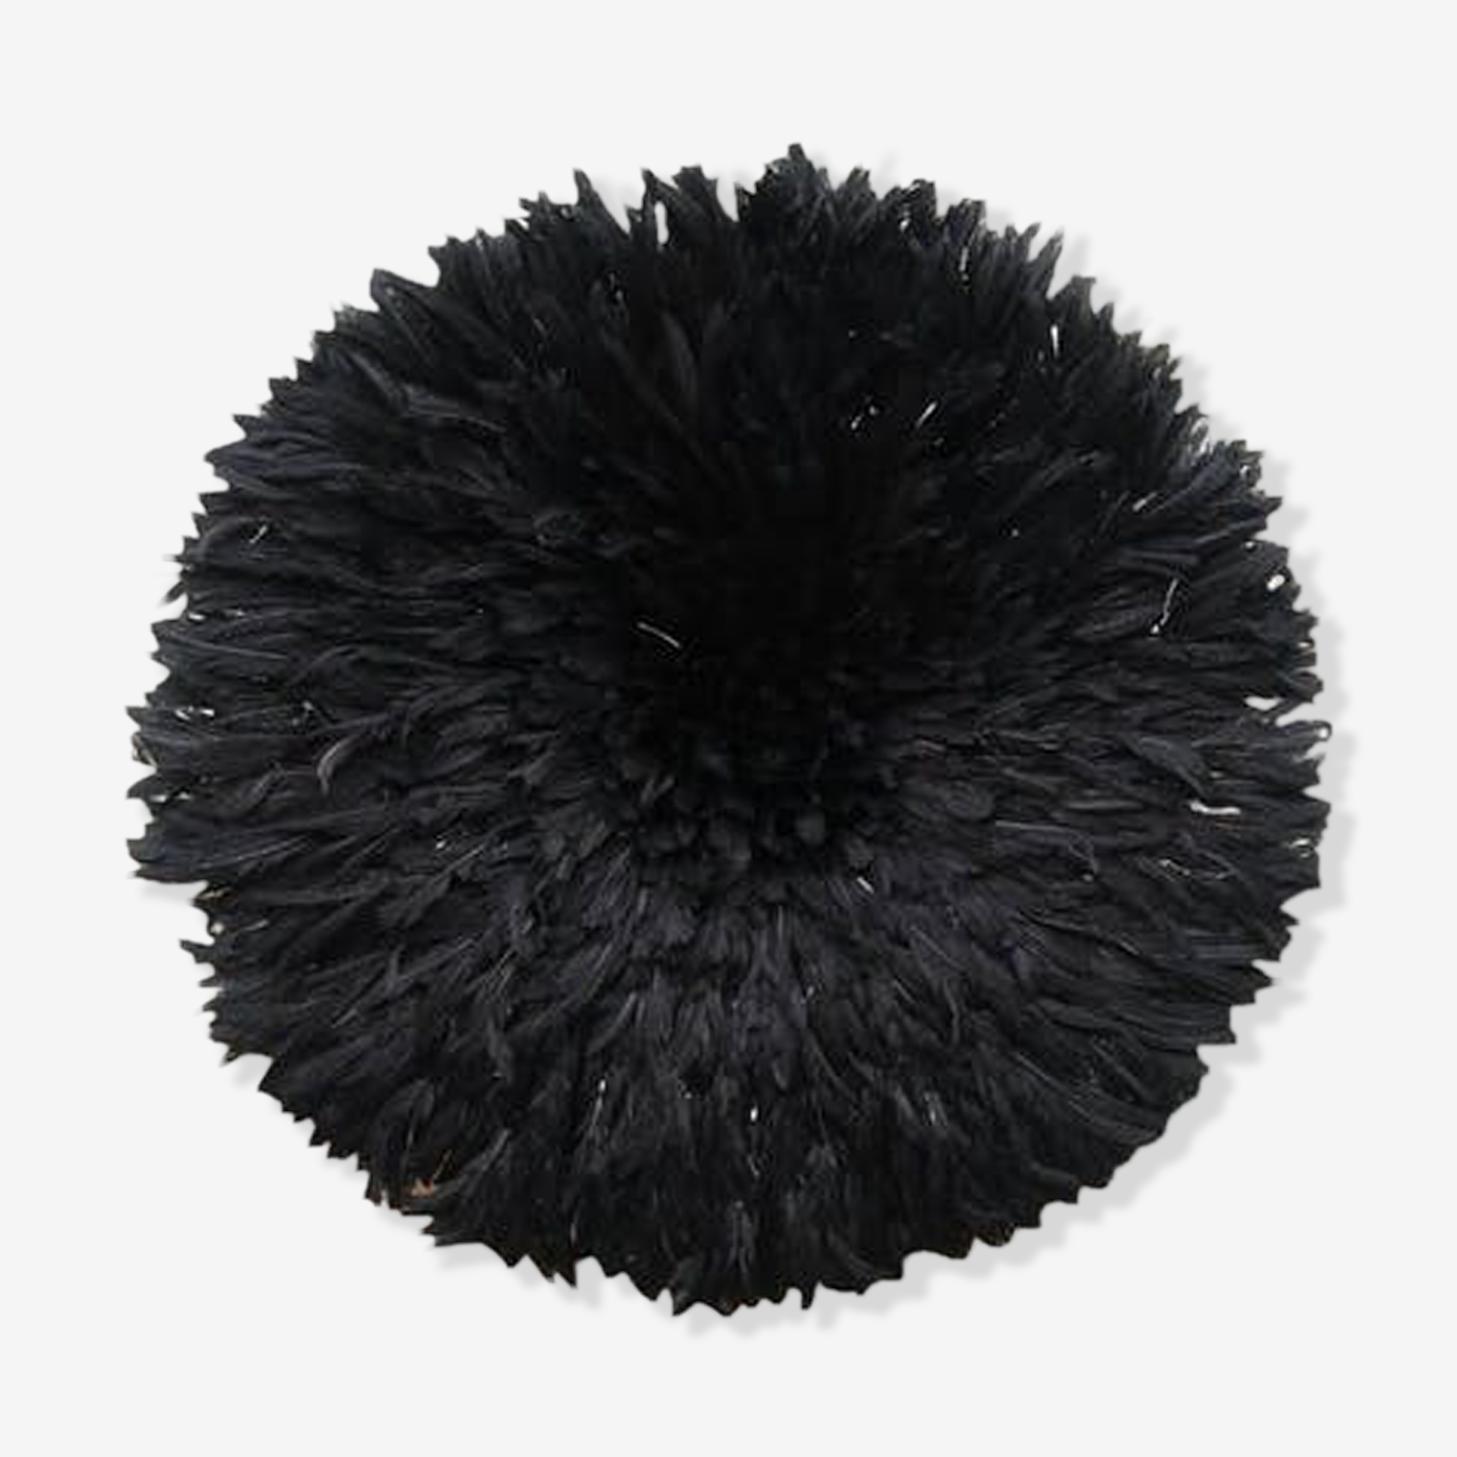 Juju hat black 75cm